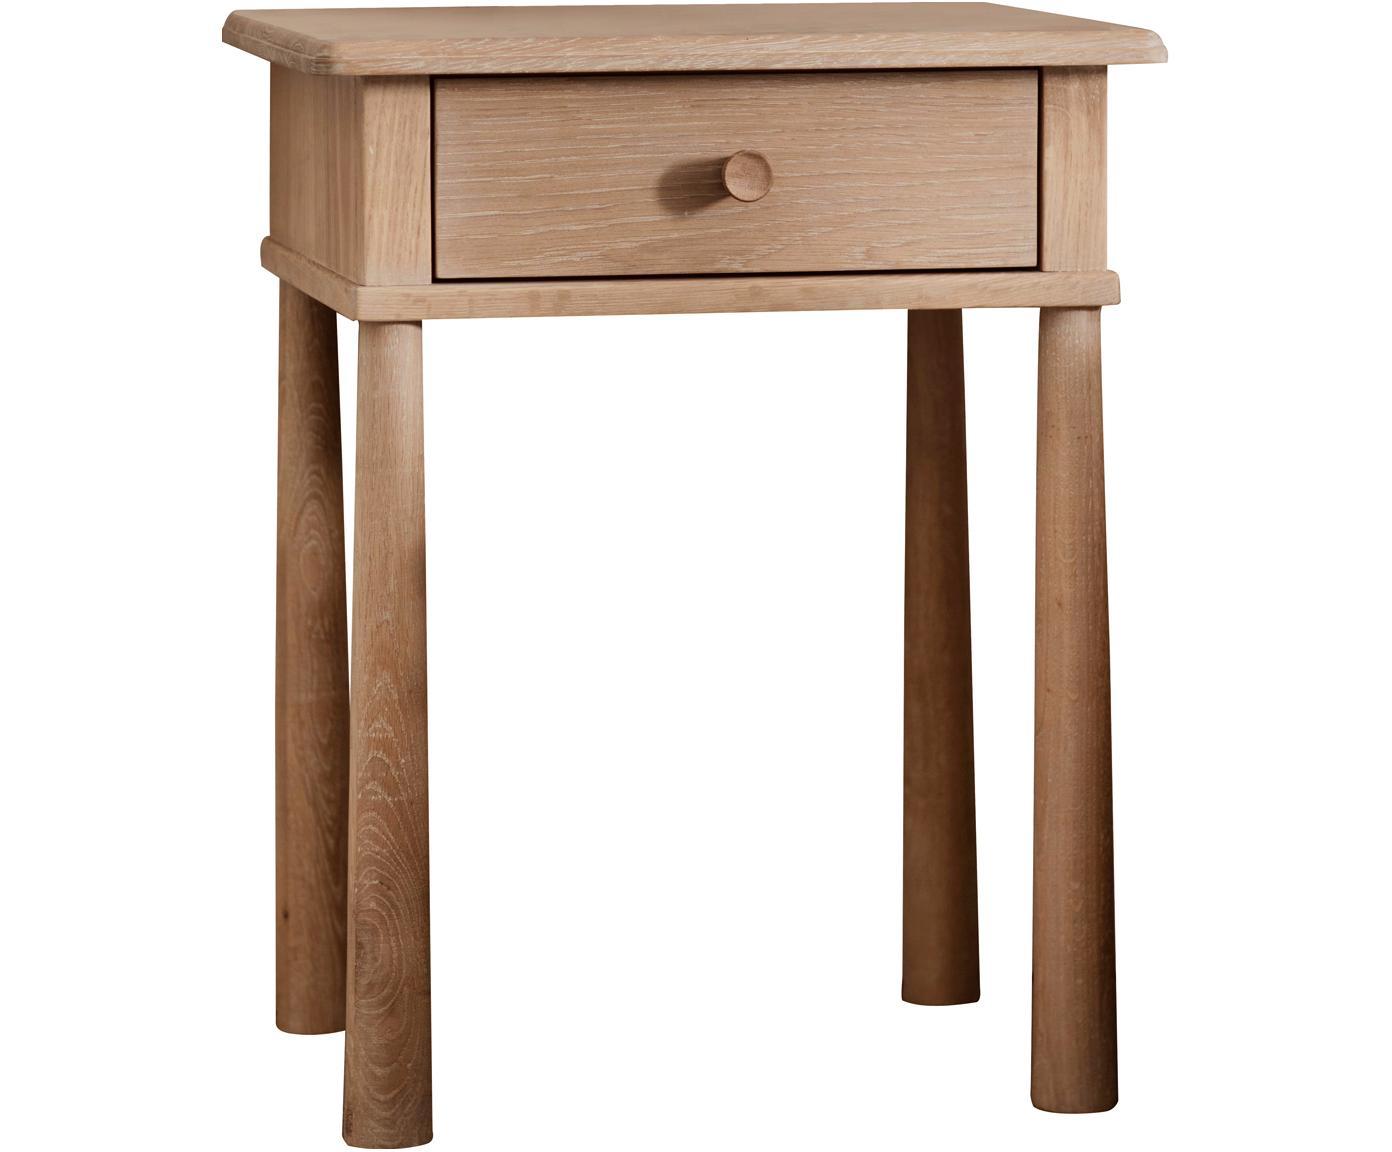 Comodino in legno di quercia Wycombe, Legno di quercia, Legno di quercia, Larg. 50 x Alt. 63 cm